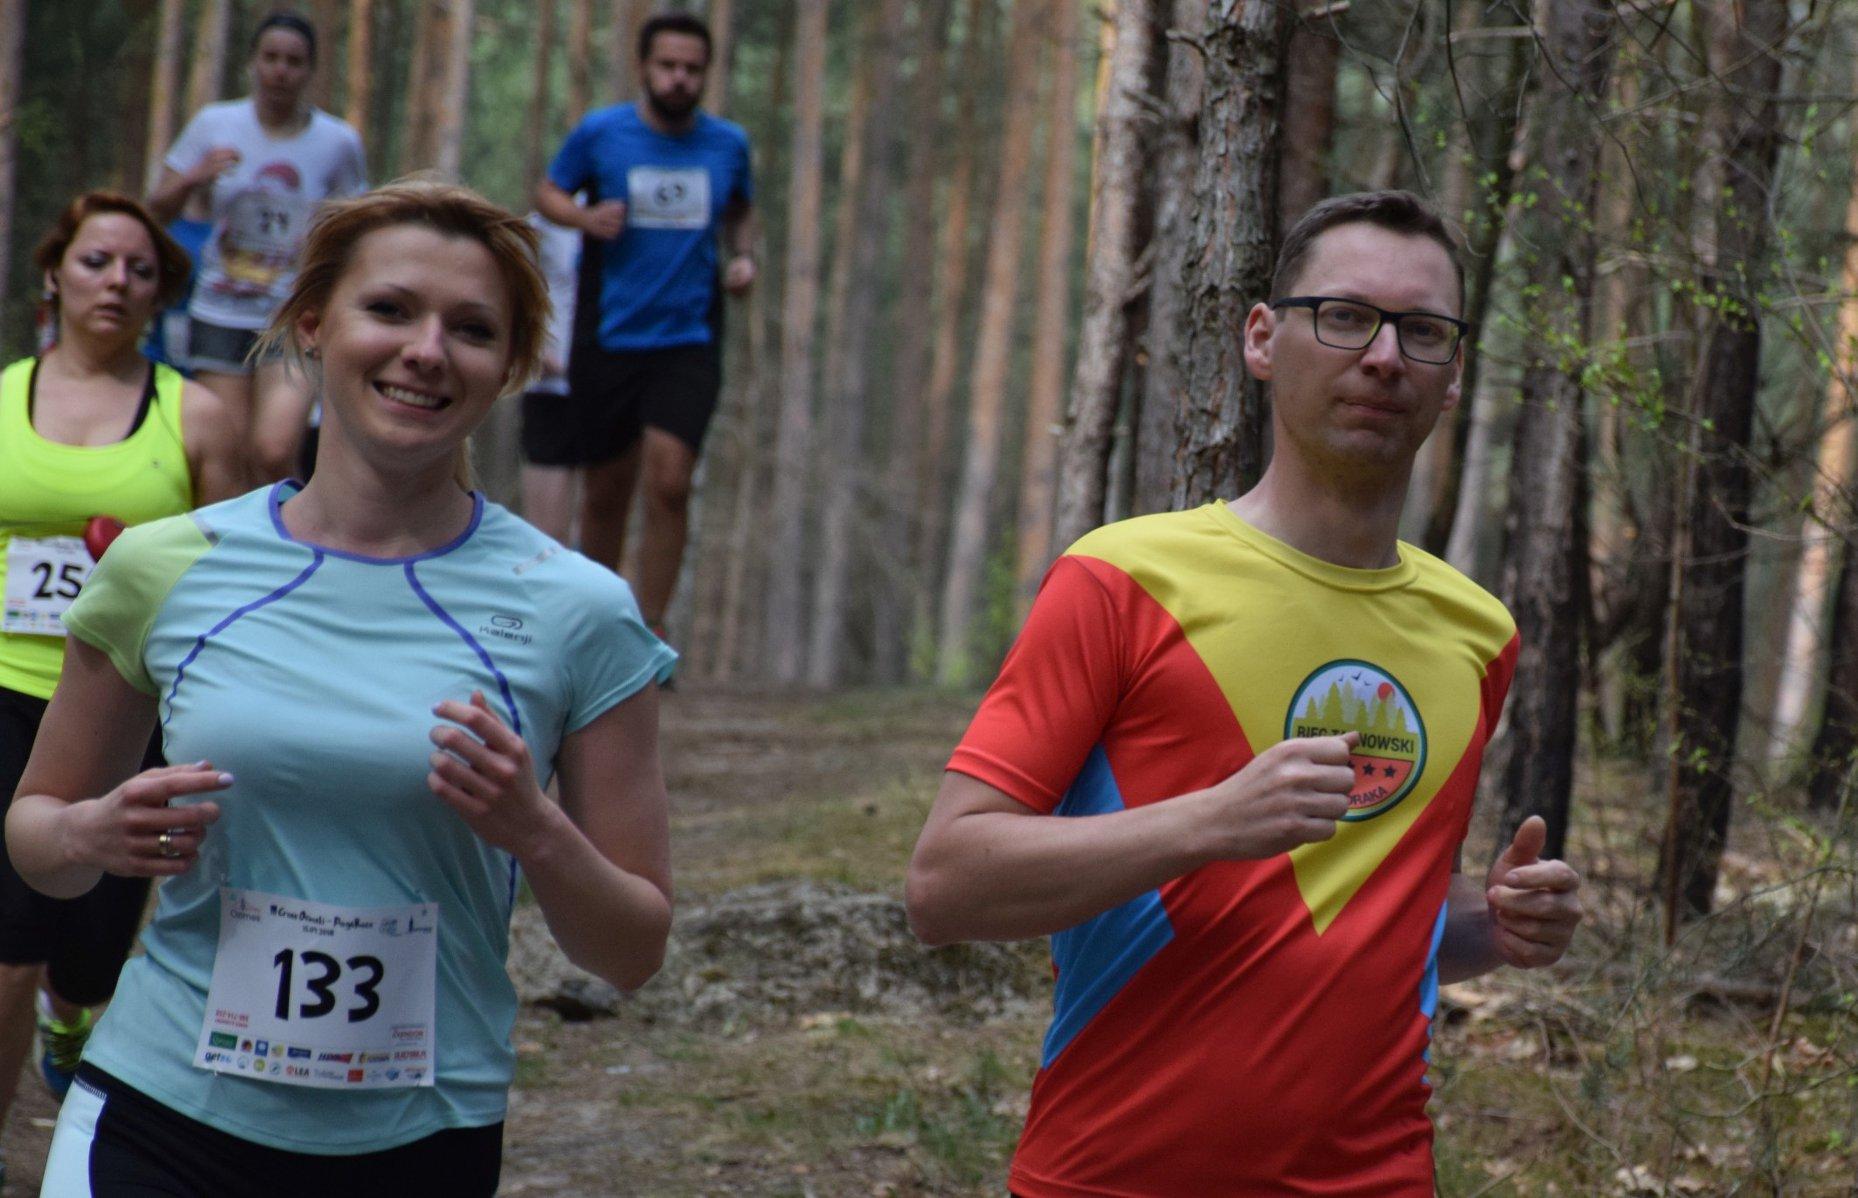 bieganie z kolegą